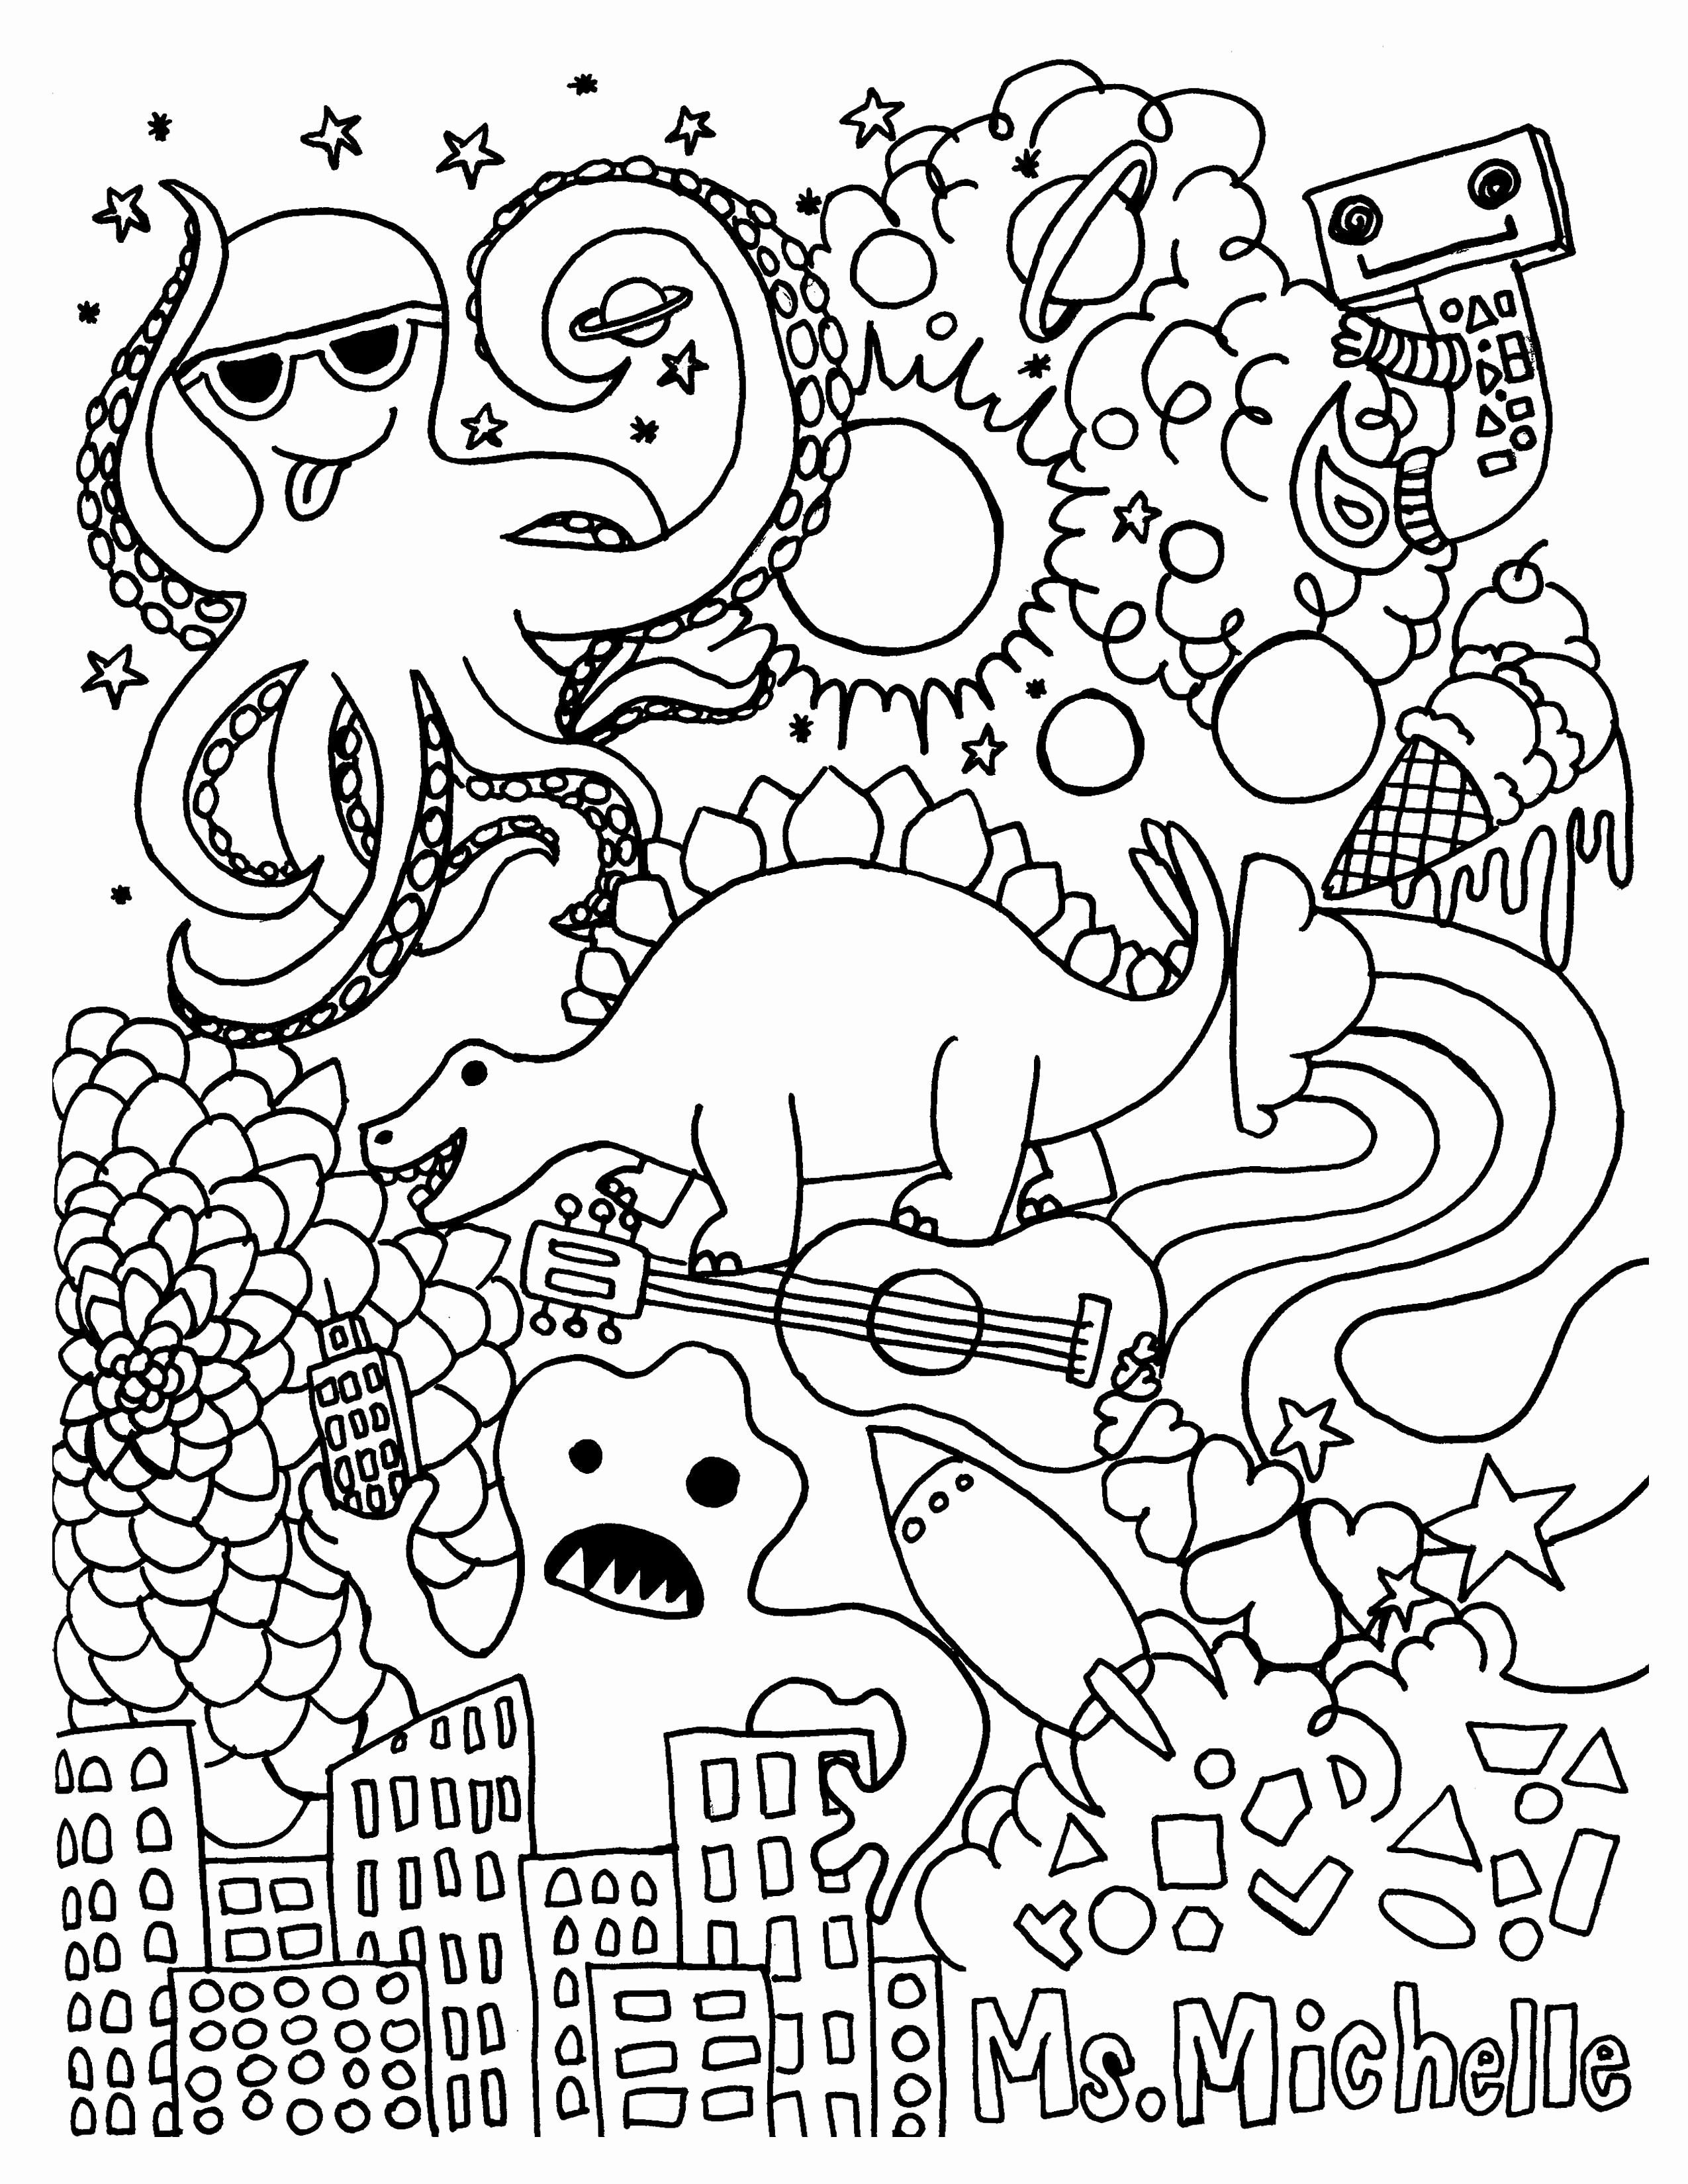 Kf8 Descargar 10 Coloring Sheets Dr Seuss, Coloring Sheets ...